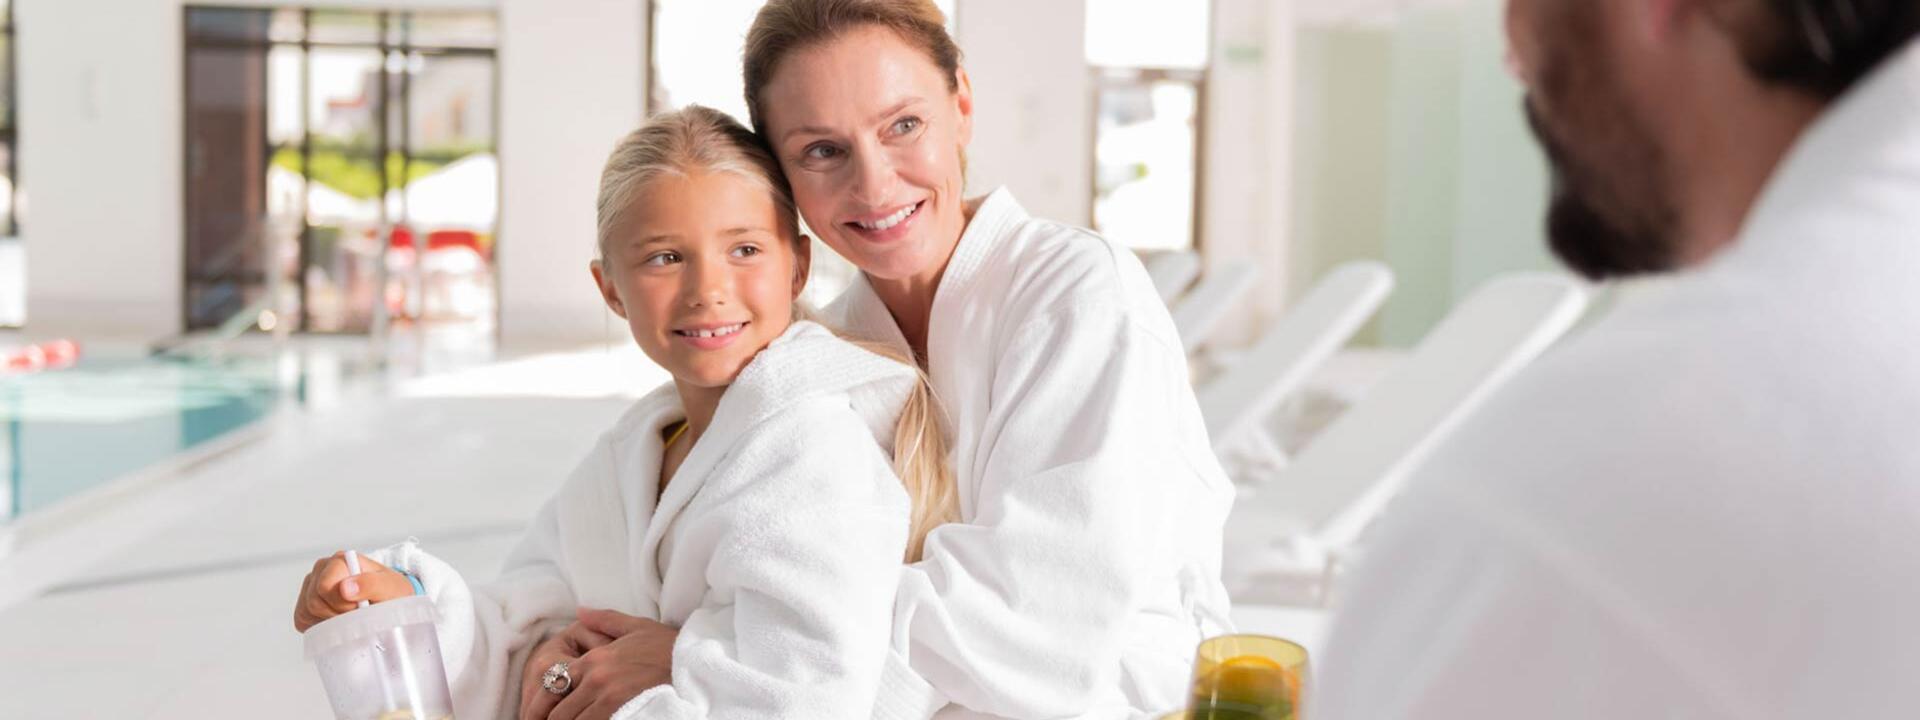 fortunaresort fr familles-hotel-toscane 012